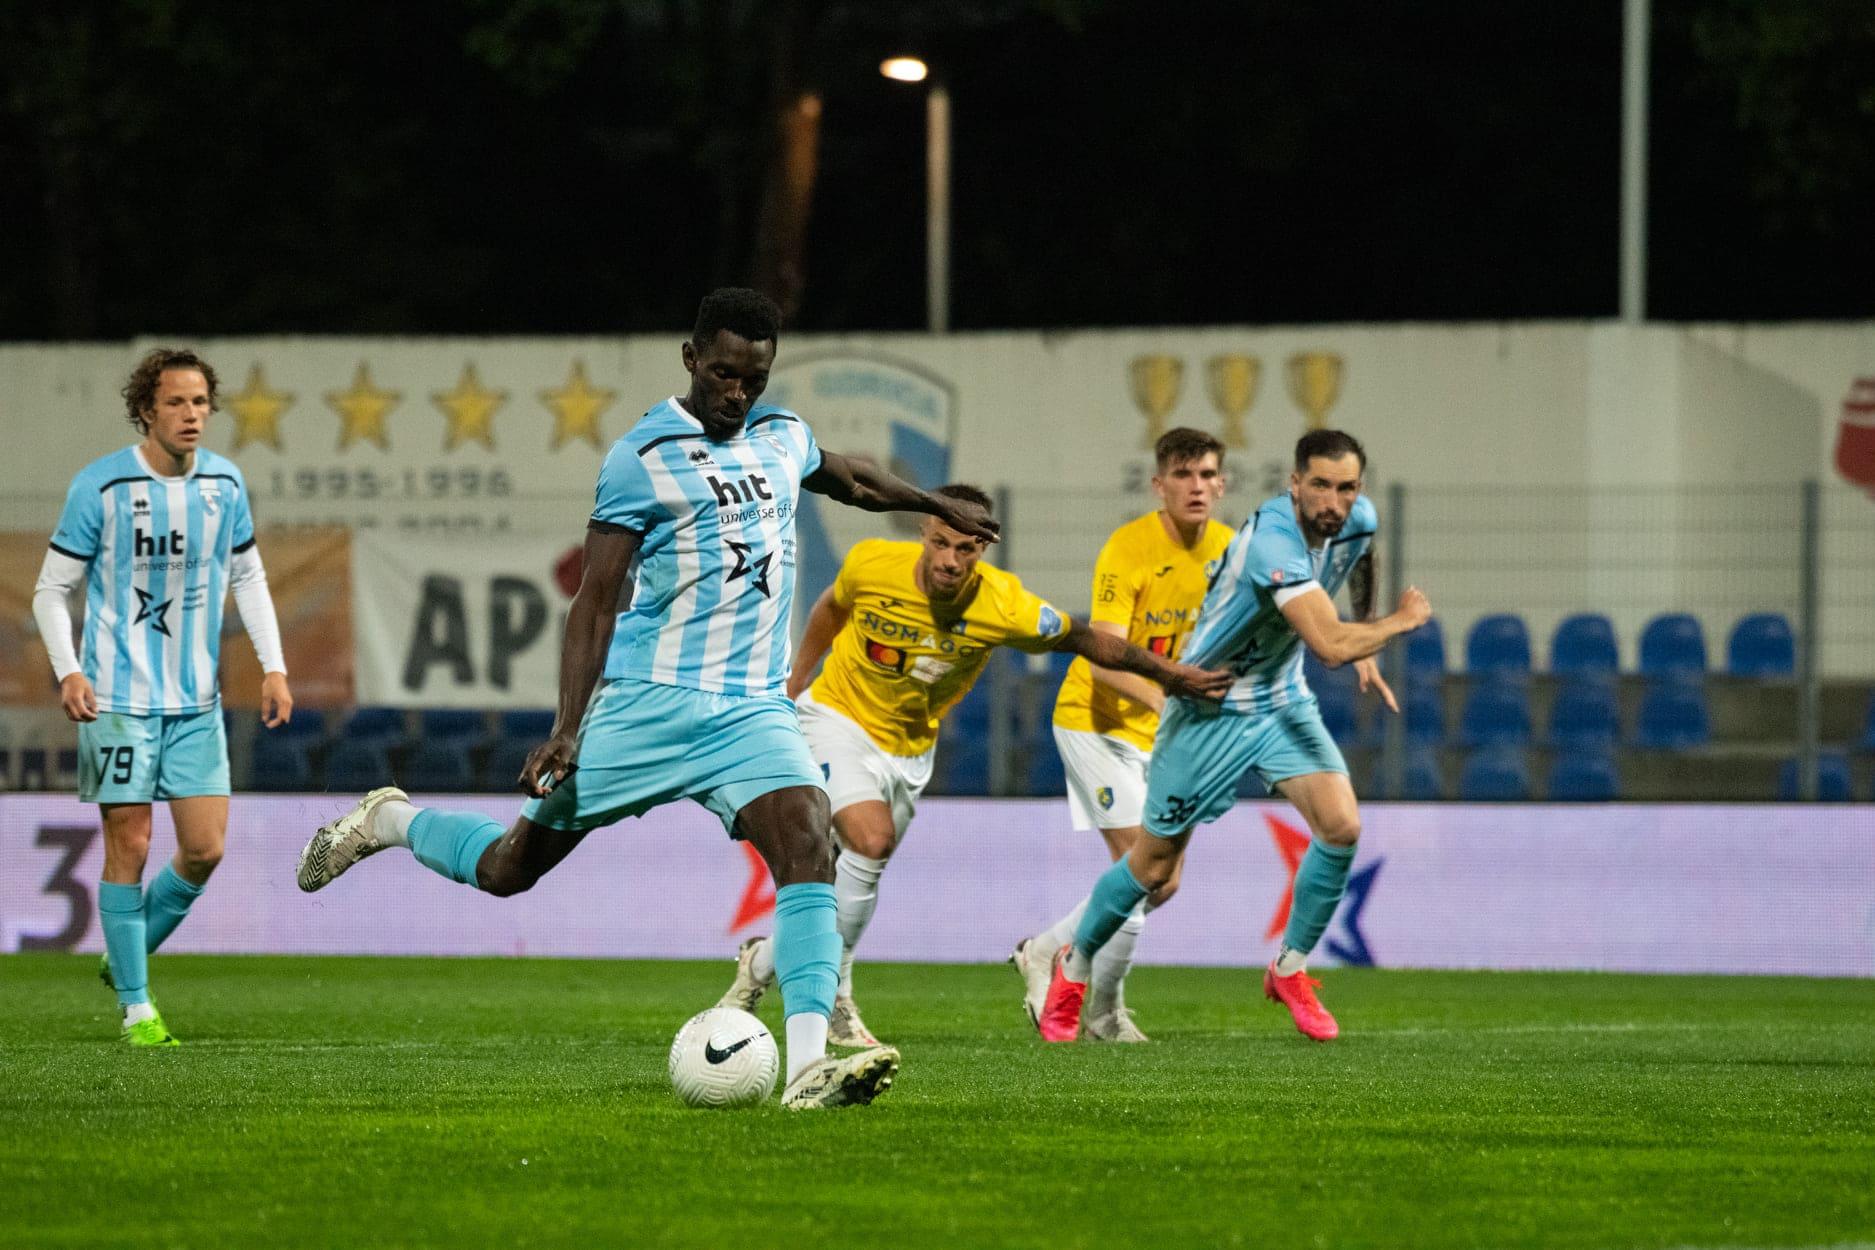 Immagine per Nova Gorica fallisce lo scontro salvezza, è la seconda retrocessione dalla Prva liga